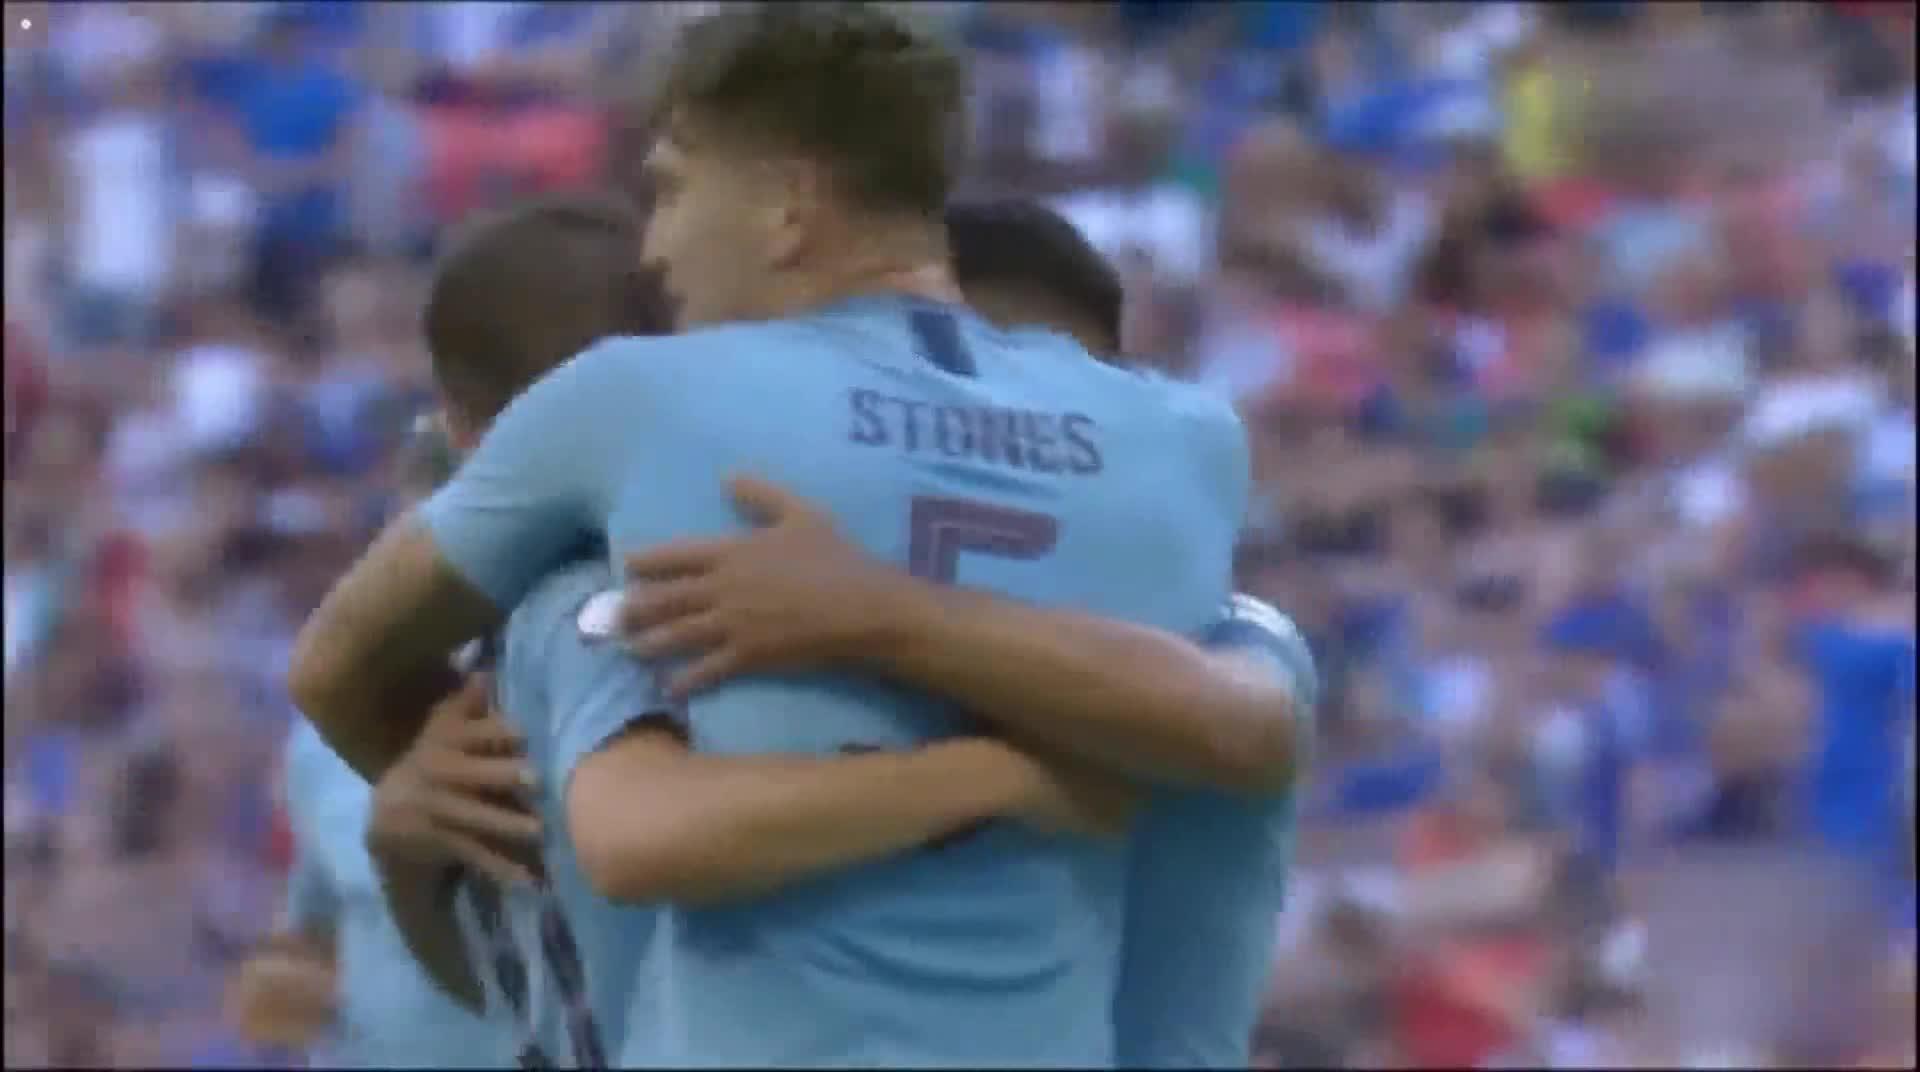 [视频]曼城2-0切尔西夺社区盾杯冠军